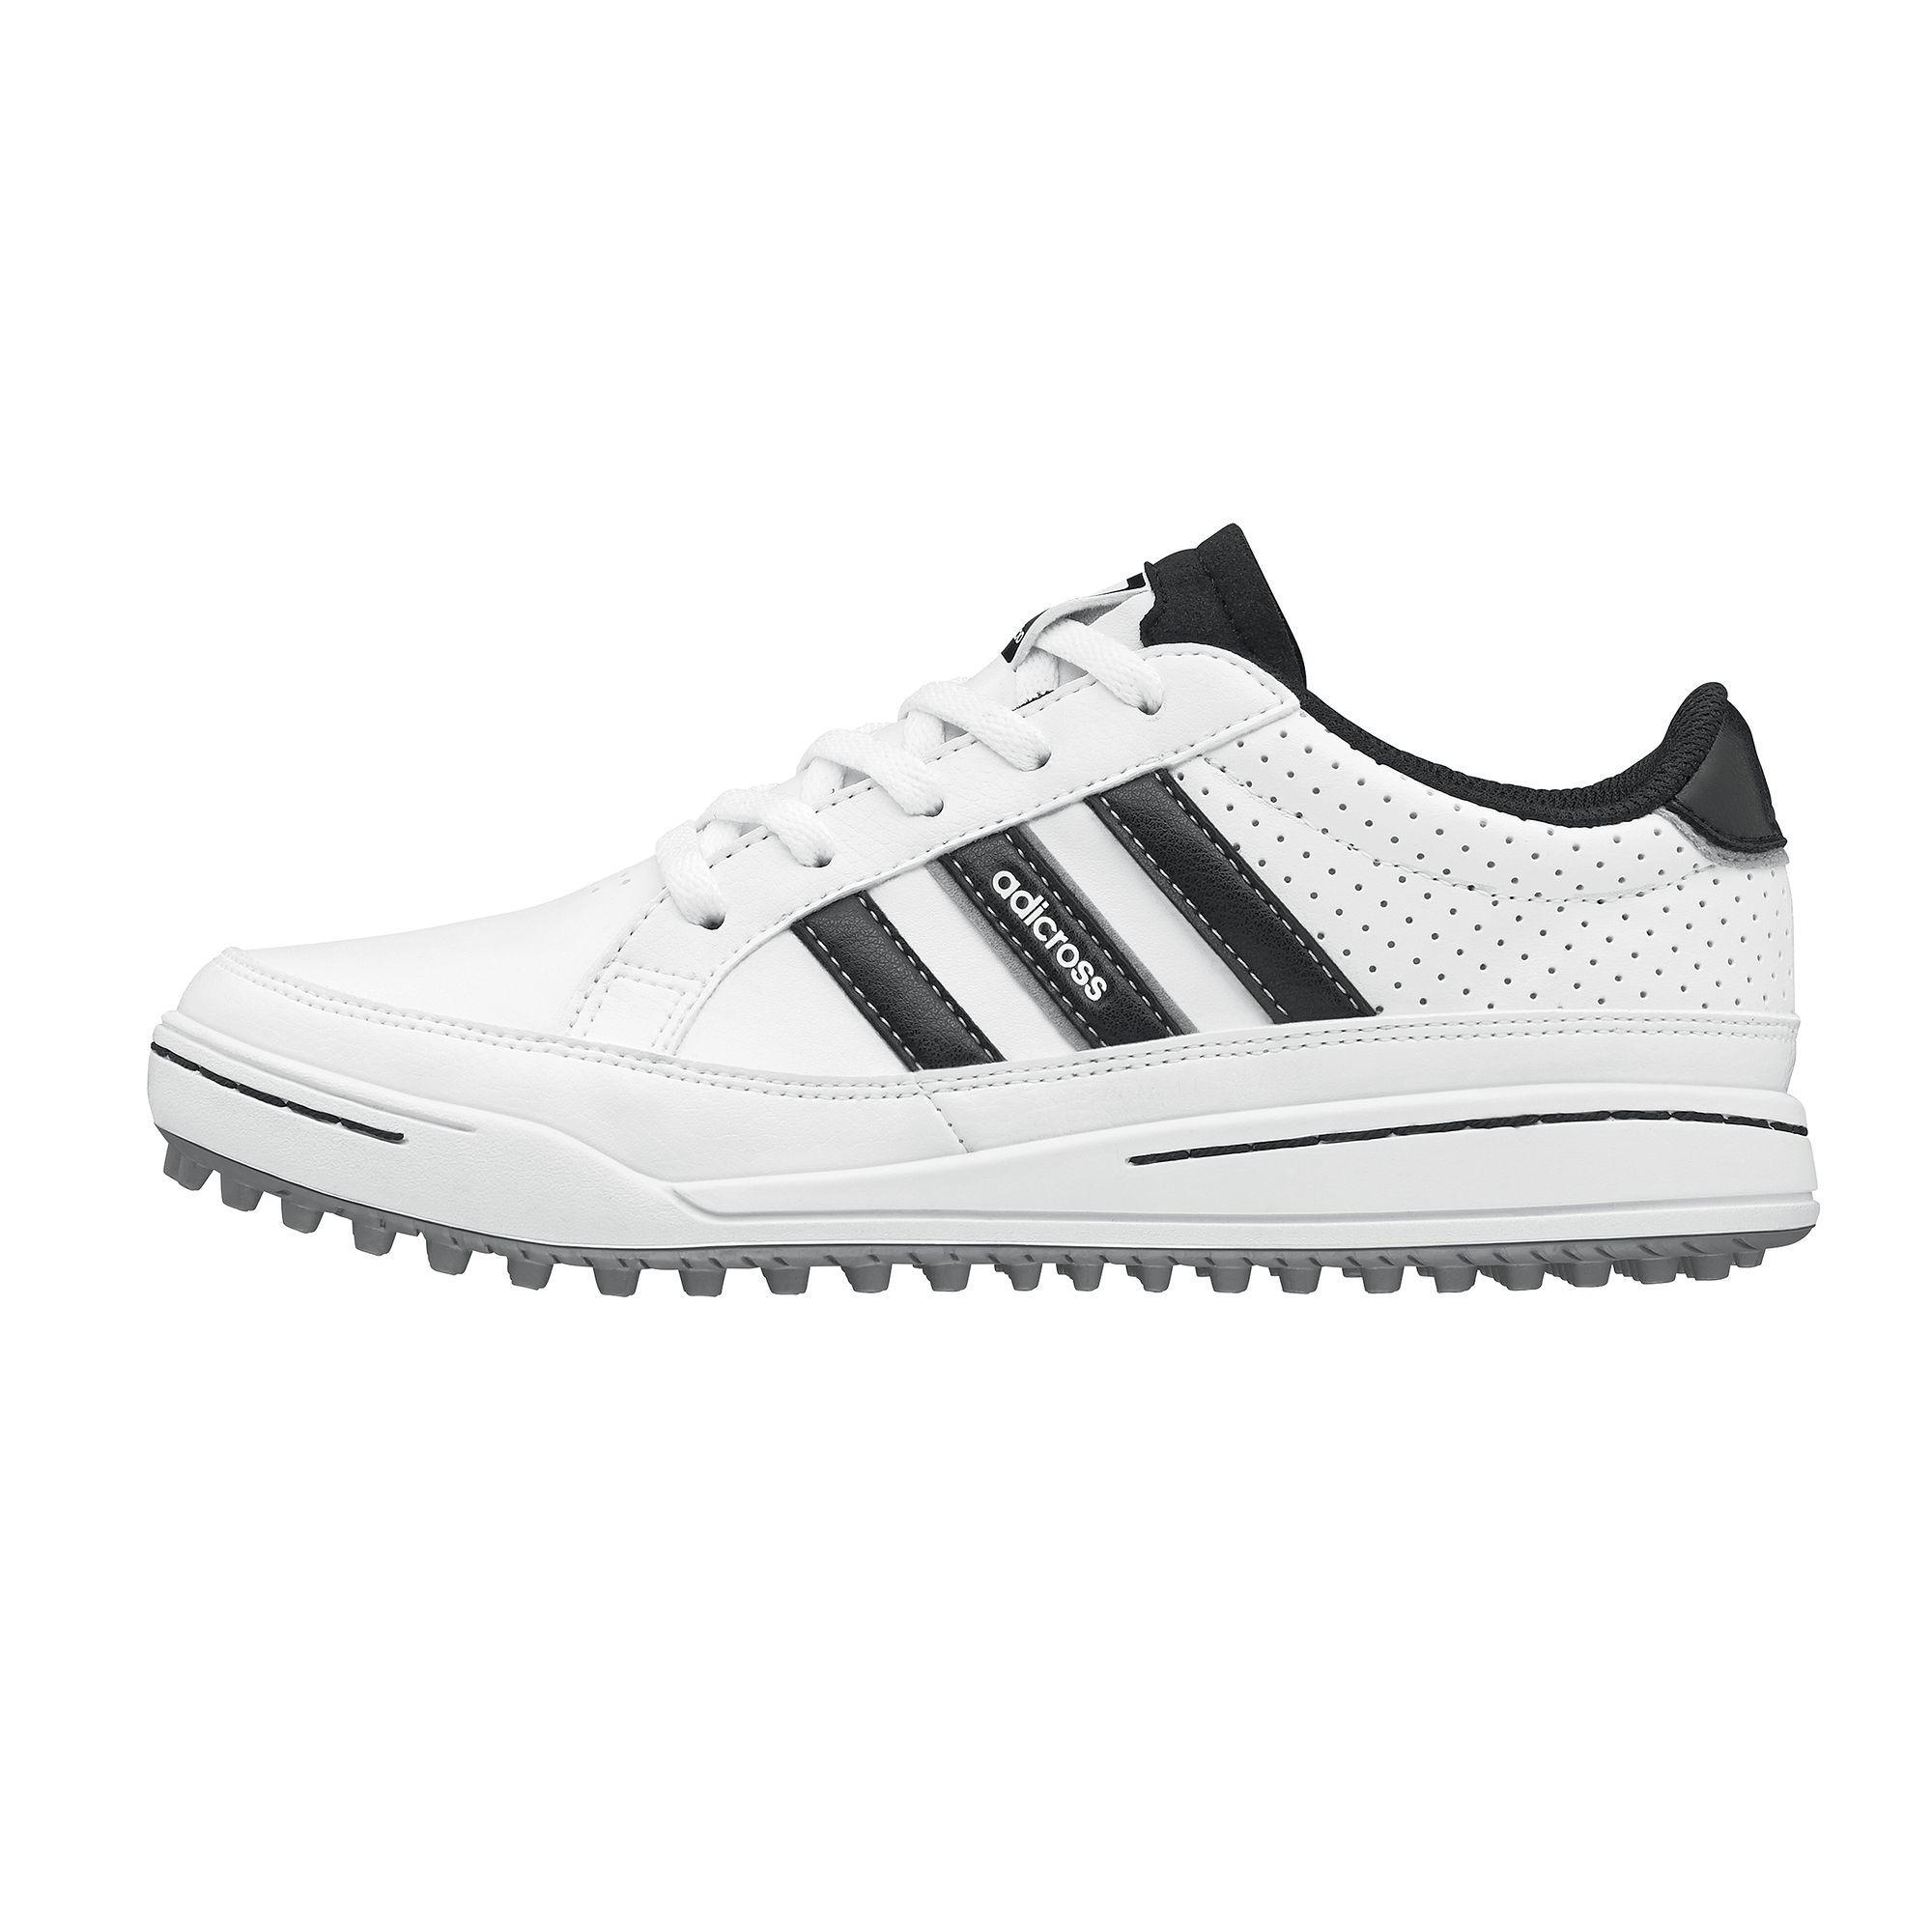 Adidas Golfschoenen Adicross 4 voor kinderen wit thumbnail